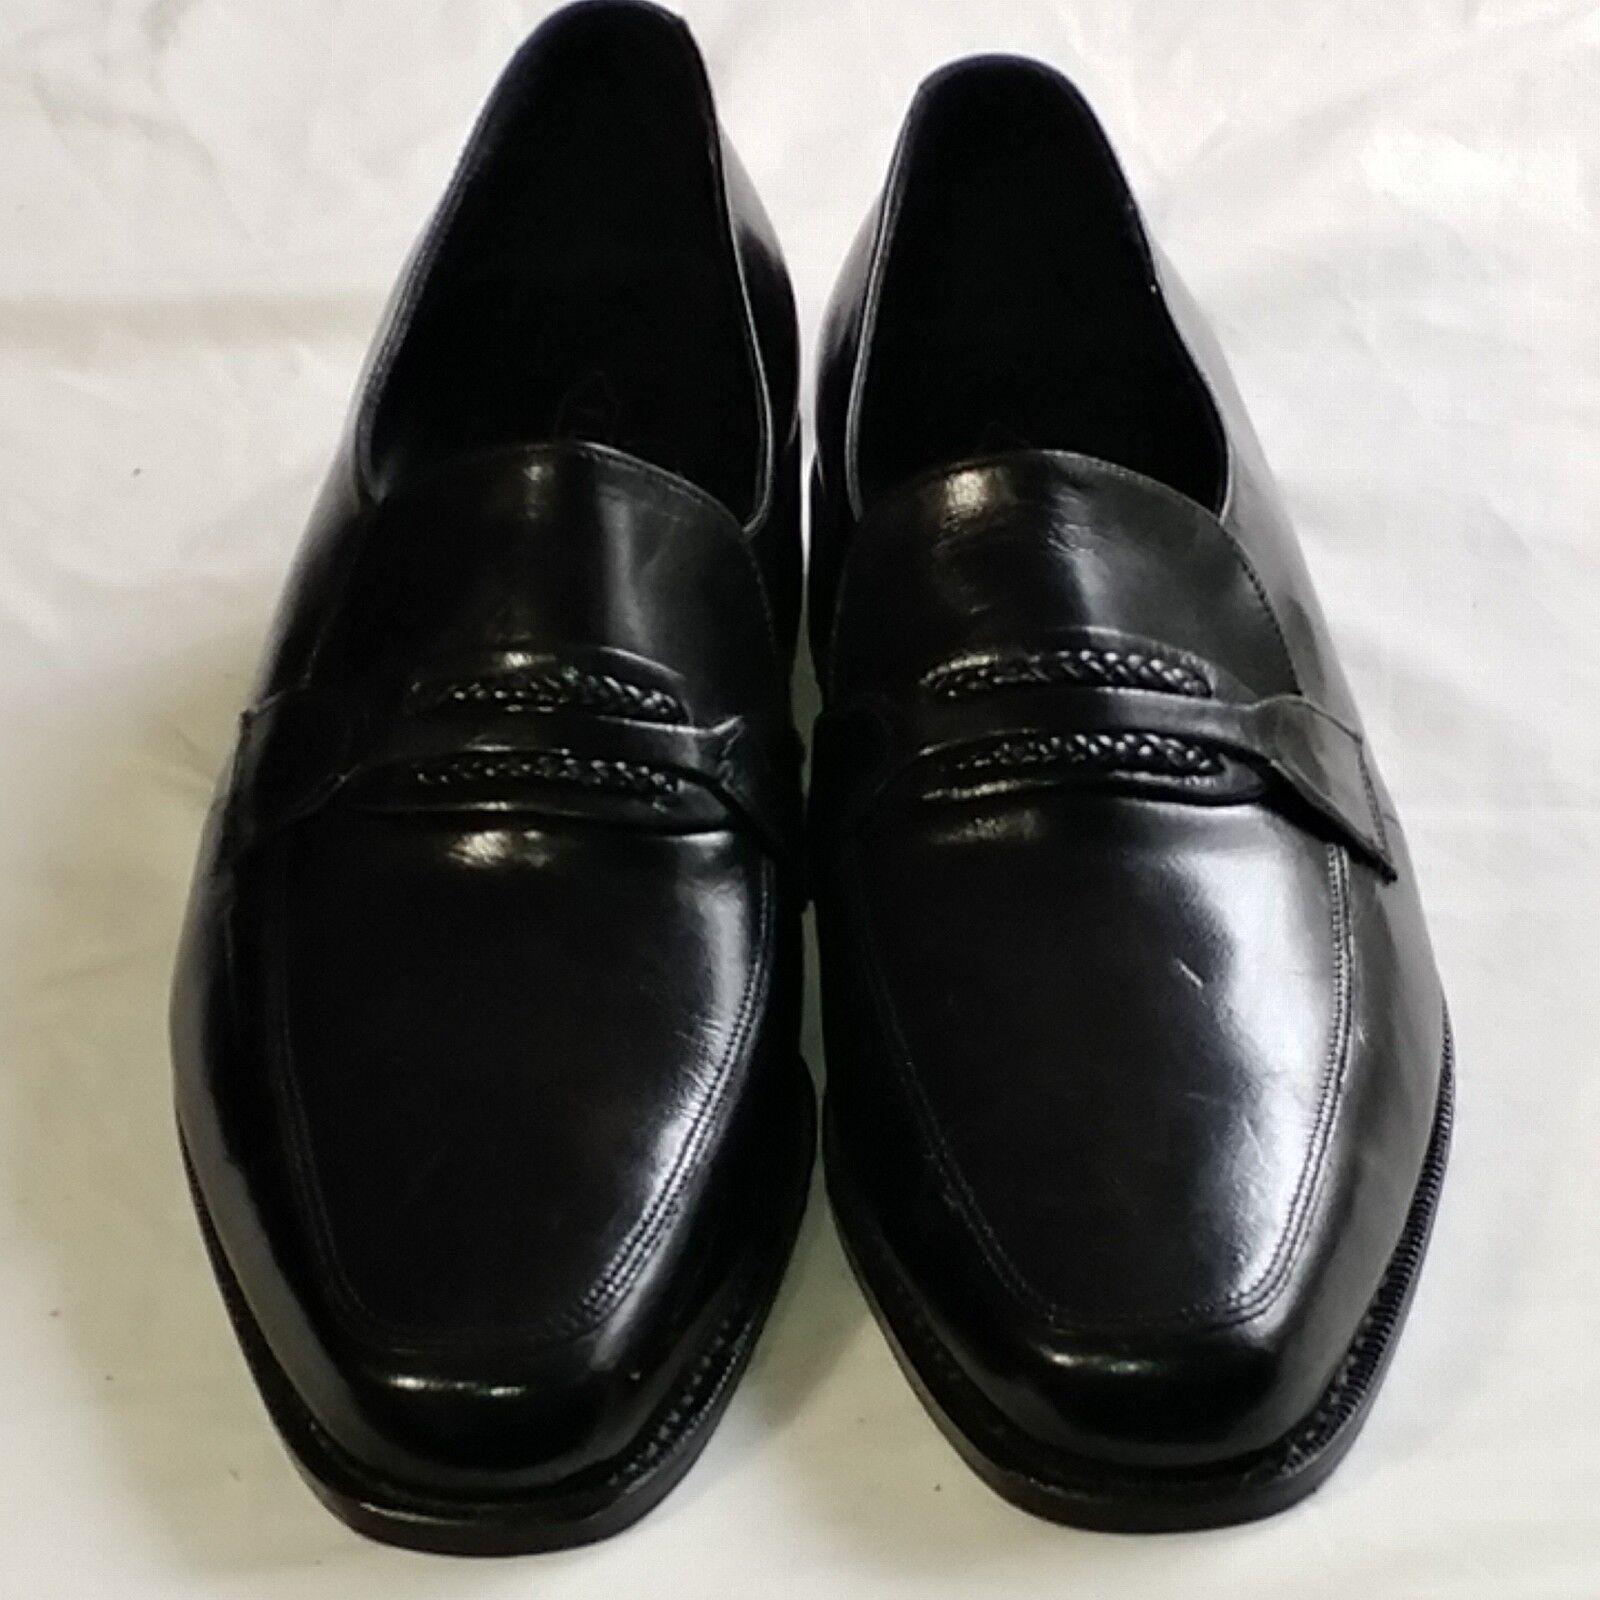 Florsheim FLS Loafers Size 11 N Men's Penny On Black Dress Shoes Slip On Penny 23258 7f29b3